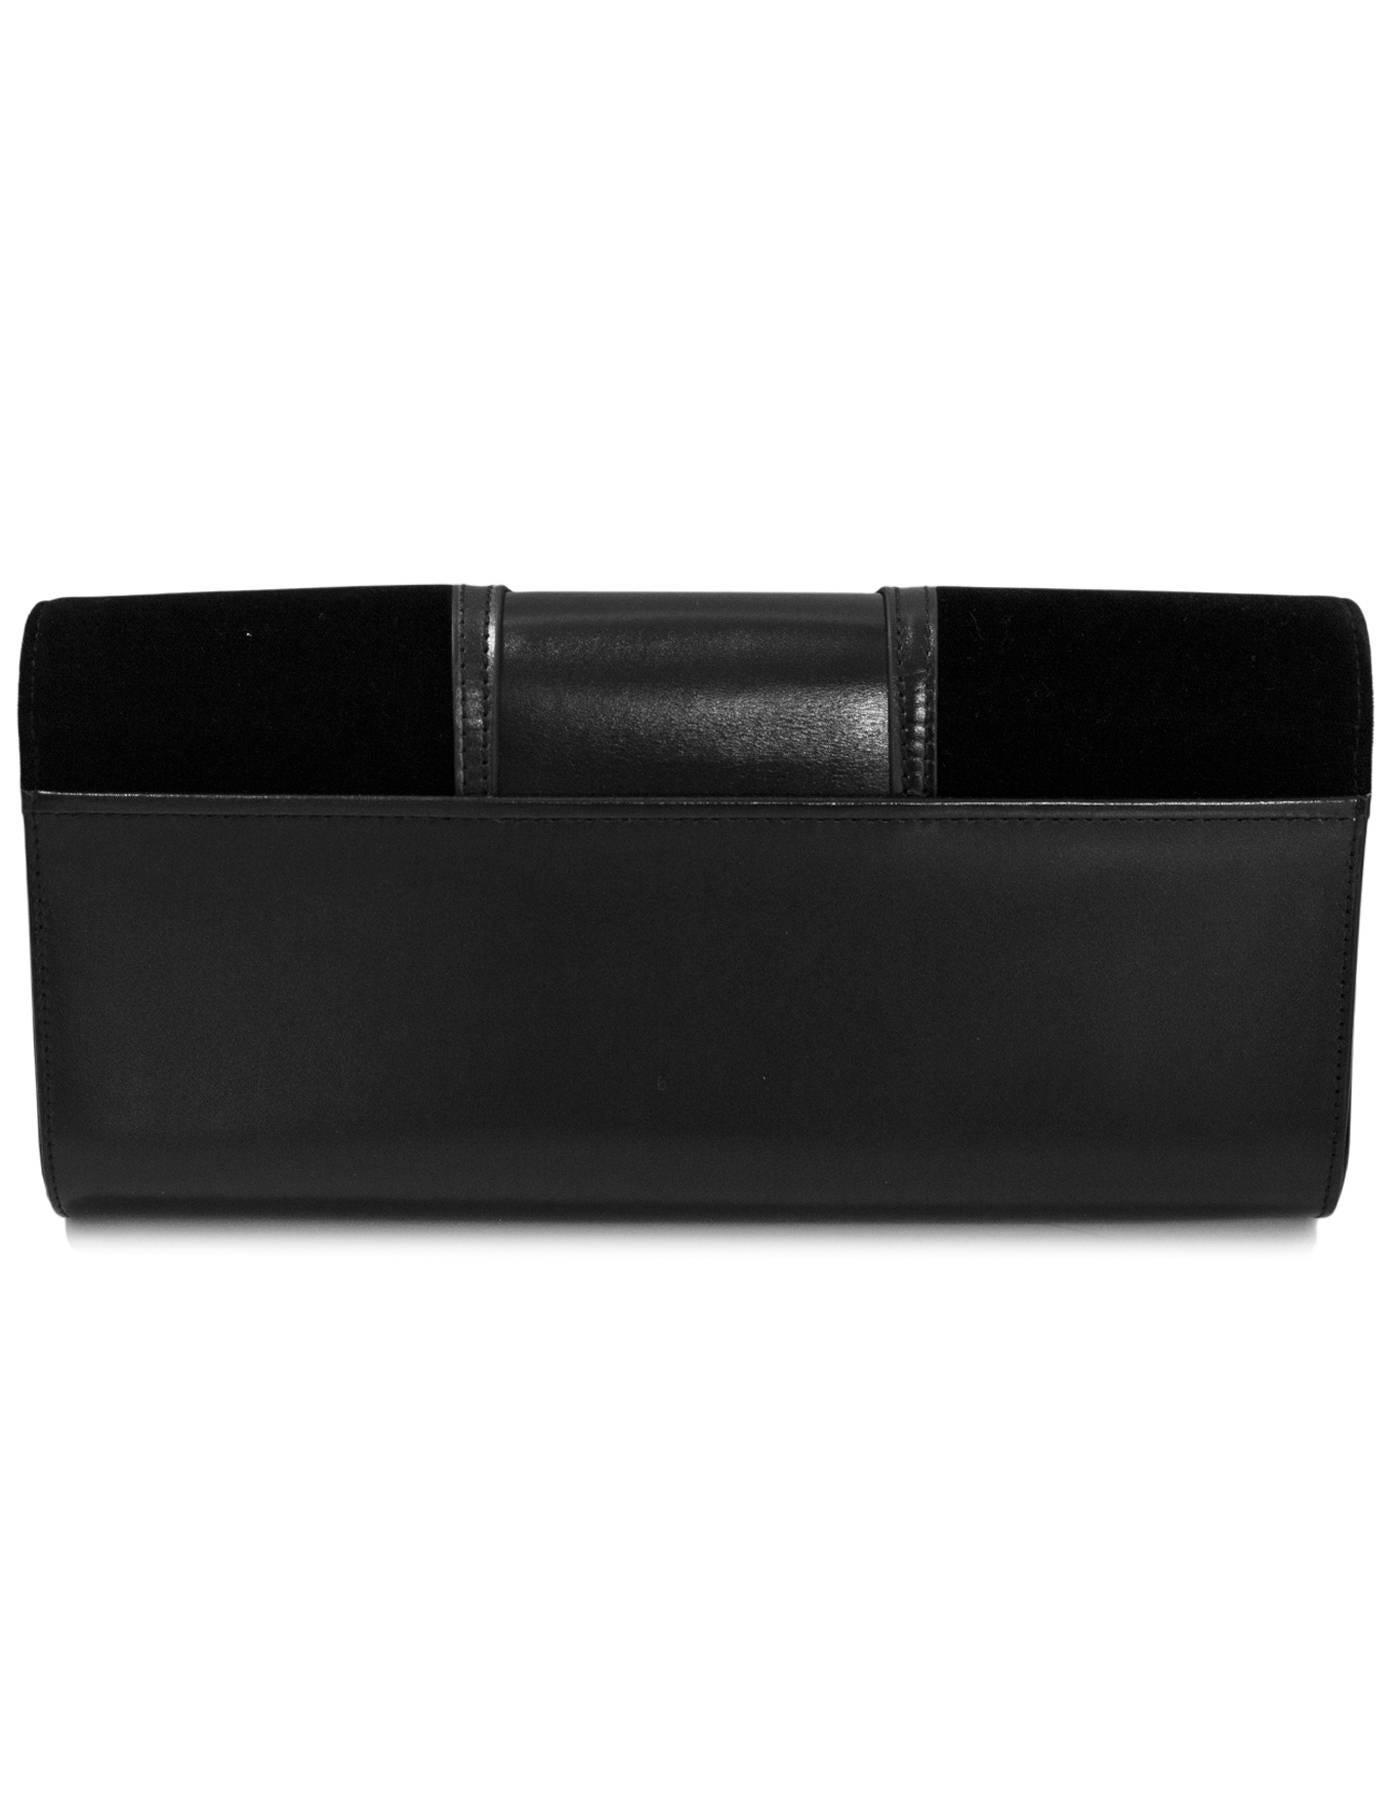 1stdibs Perrin Black Velvet & Calfskin Le Corset Glove Clutch Bag W. Dust Bag Rt. $1,200